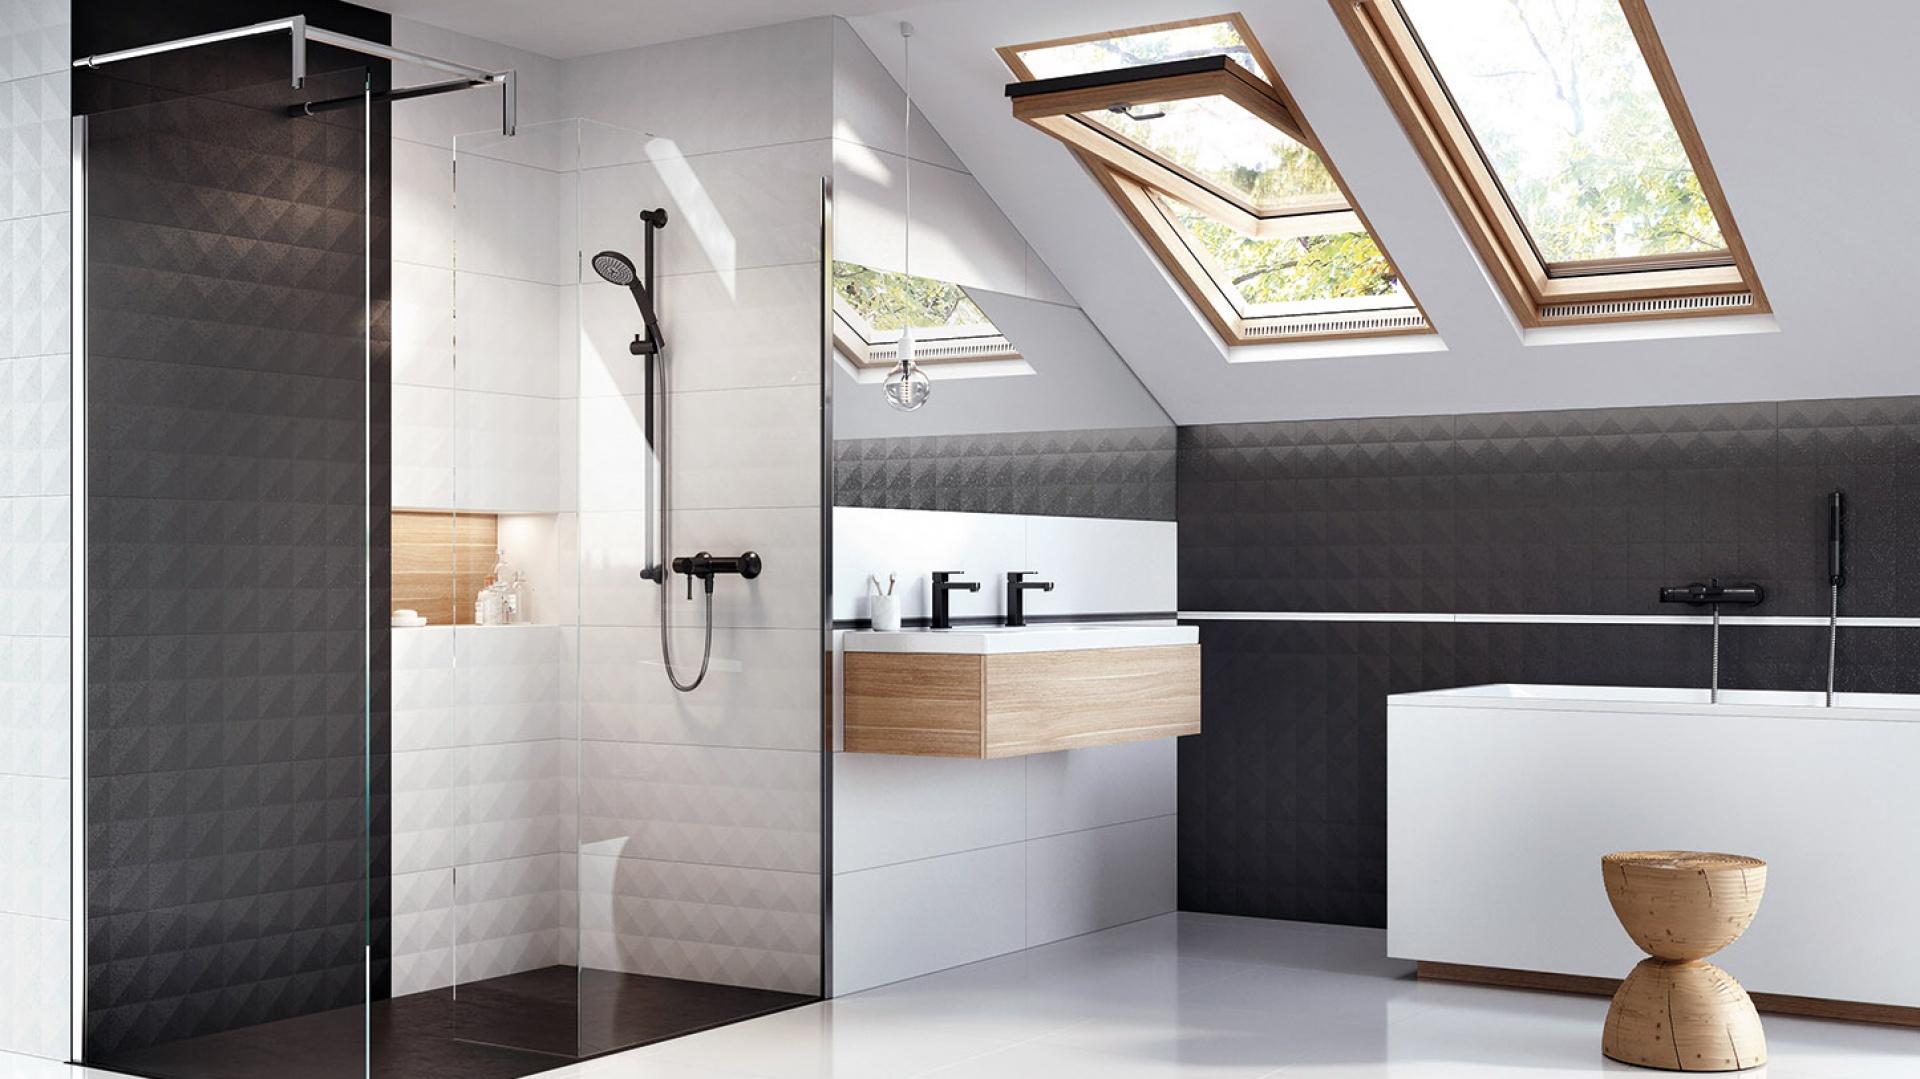 Kolekcja Form Jest połączeniem najmodniejszych trendów dekoratorskich z klasyką, która nigdy nie wyjdzie z mody. Fot. Ceramstic